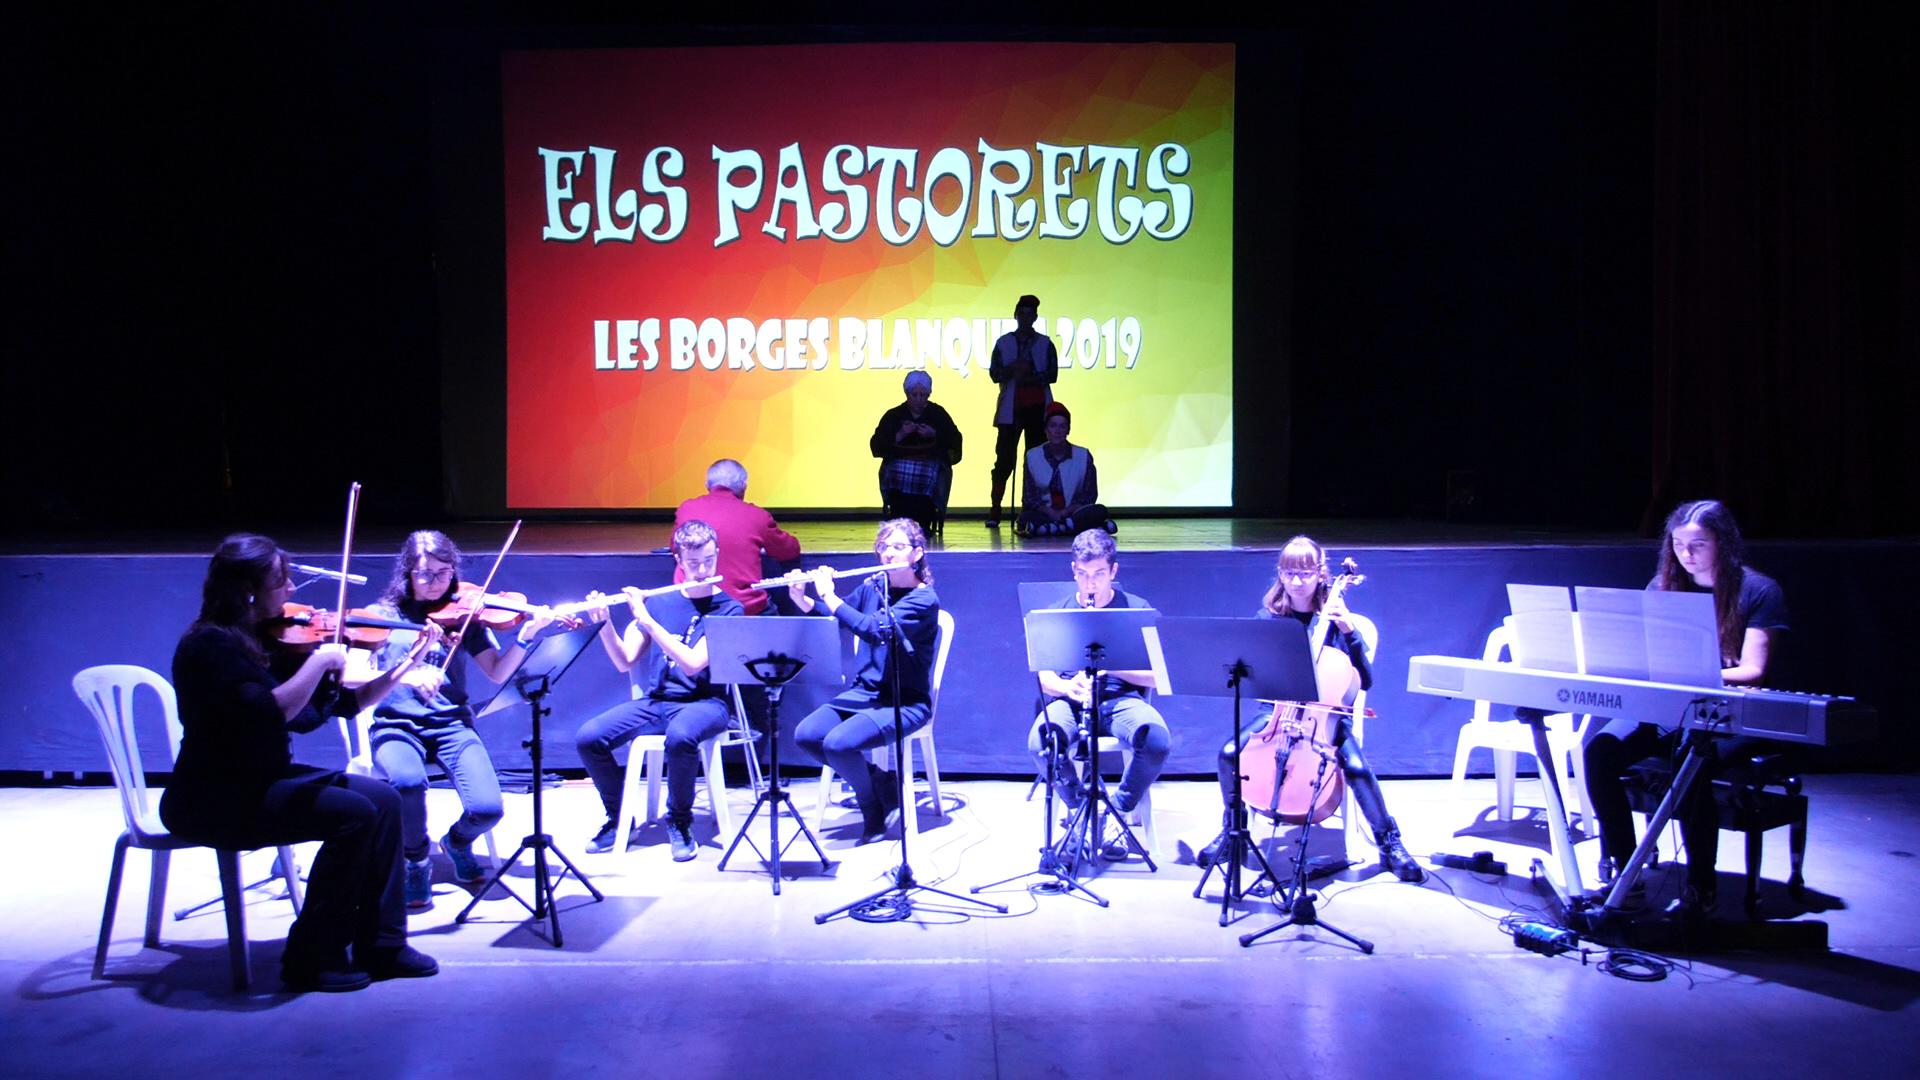 Els Pastorets 2019